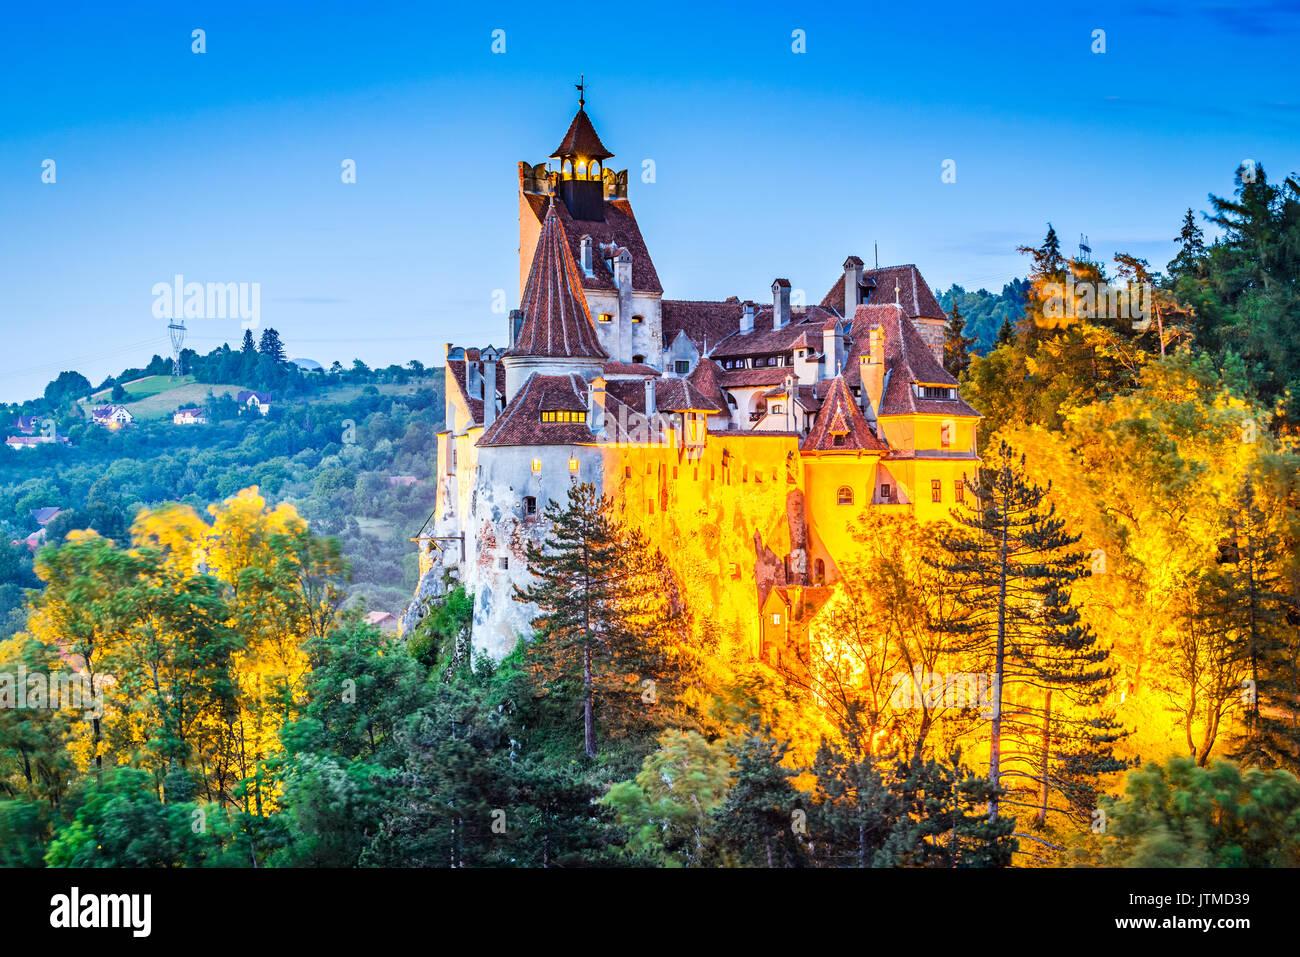 Schloss Bran, Rumänien. Atemberaubende HDR-Twilight-Bild der Dracula-Burg in Siebenbürgen, mittelalterlichen Stockbild